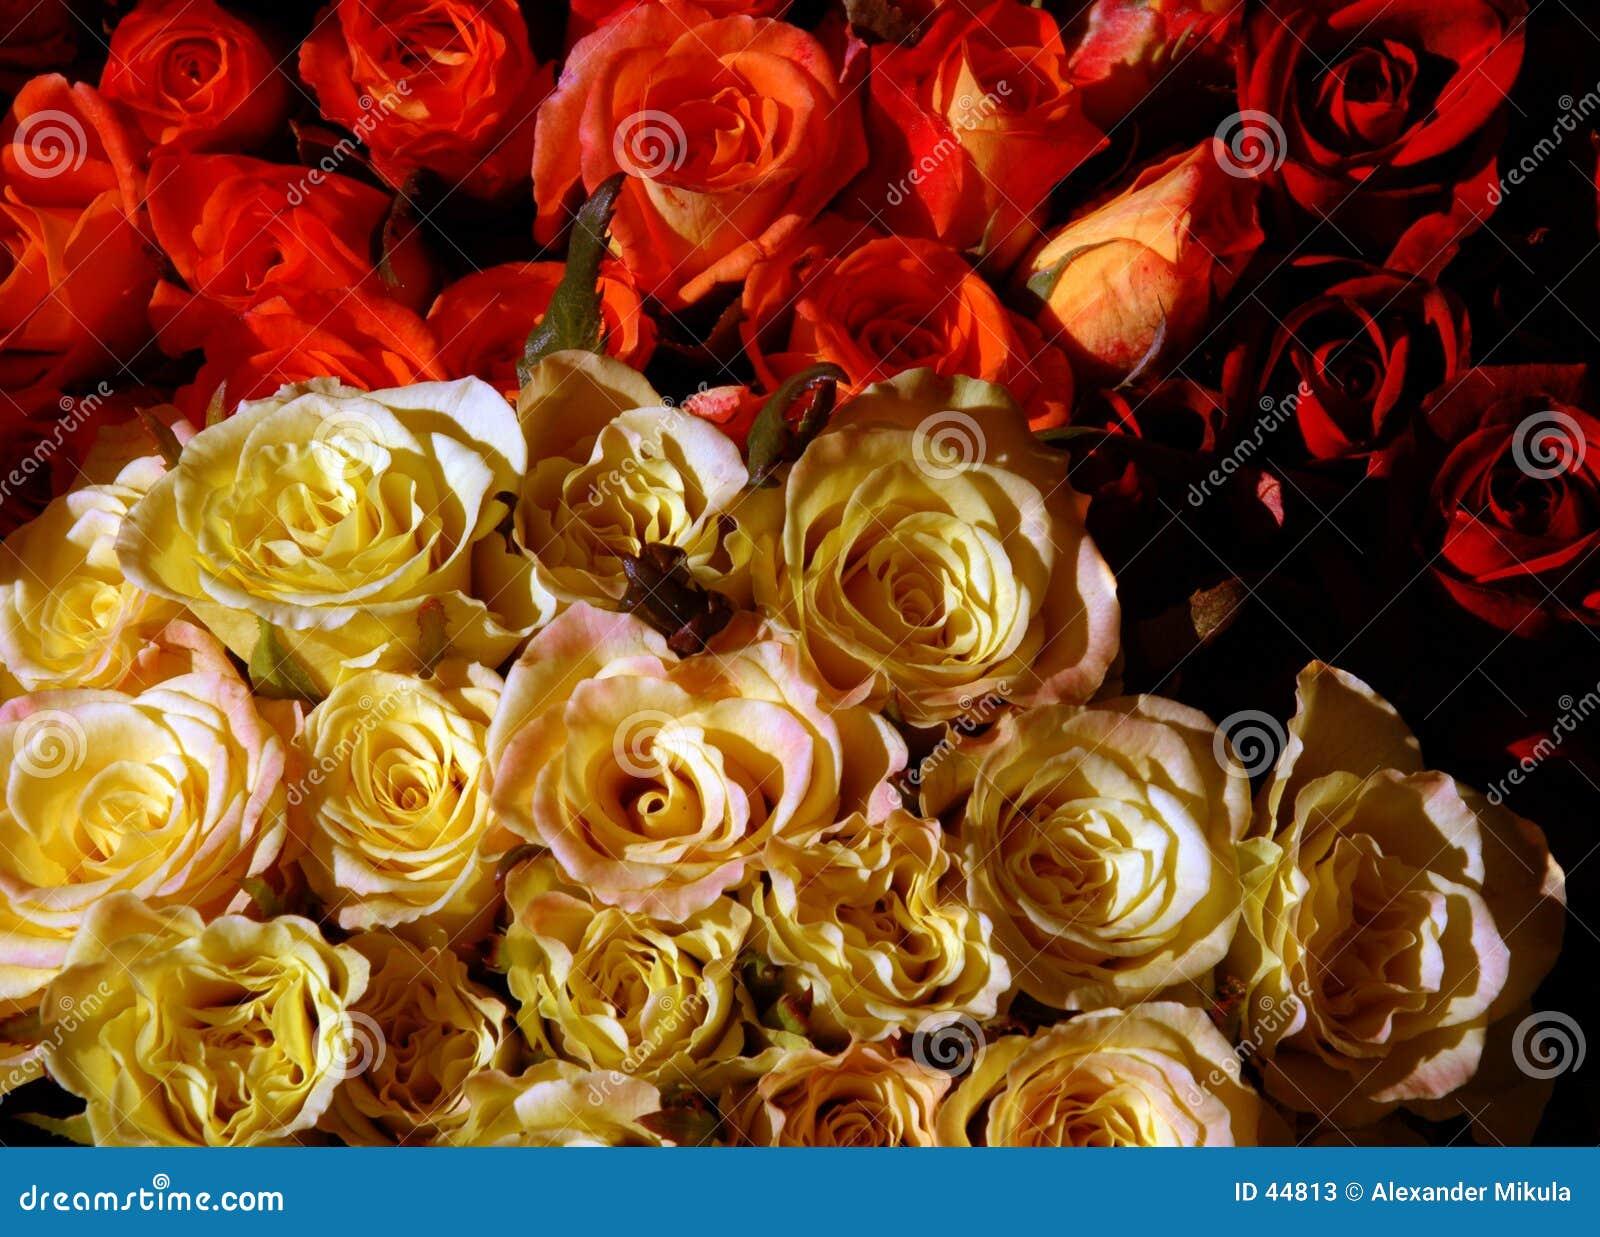 Download Ramo de rosas imagen de archivo. Imagen de color, ramo, manojo - 44813